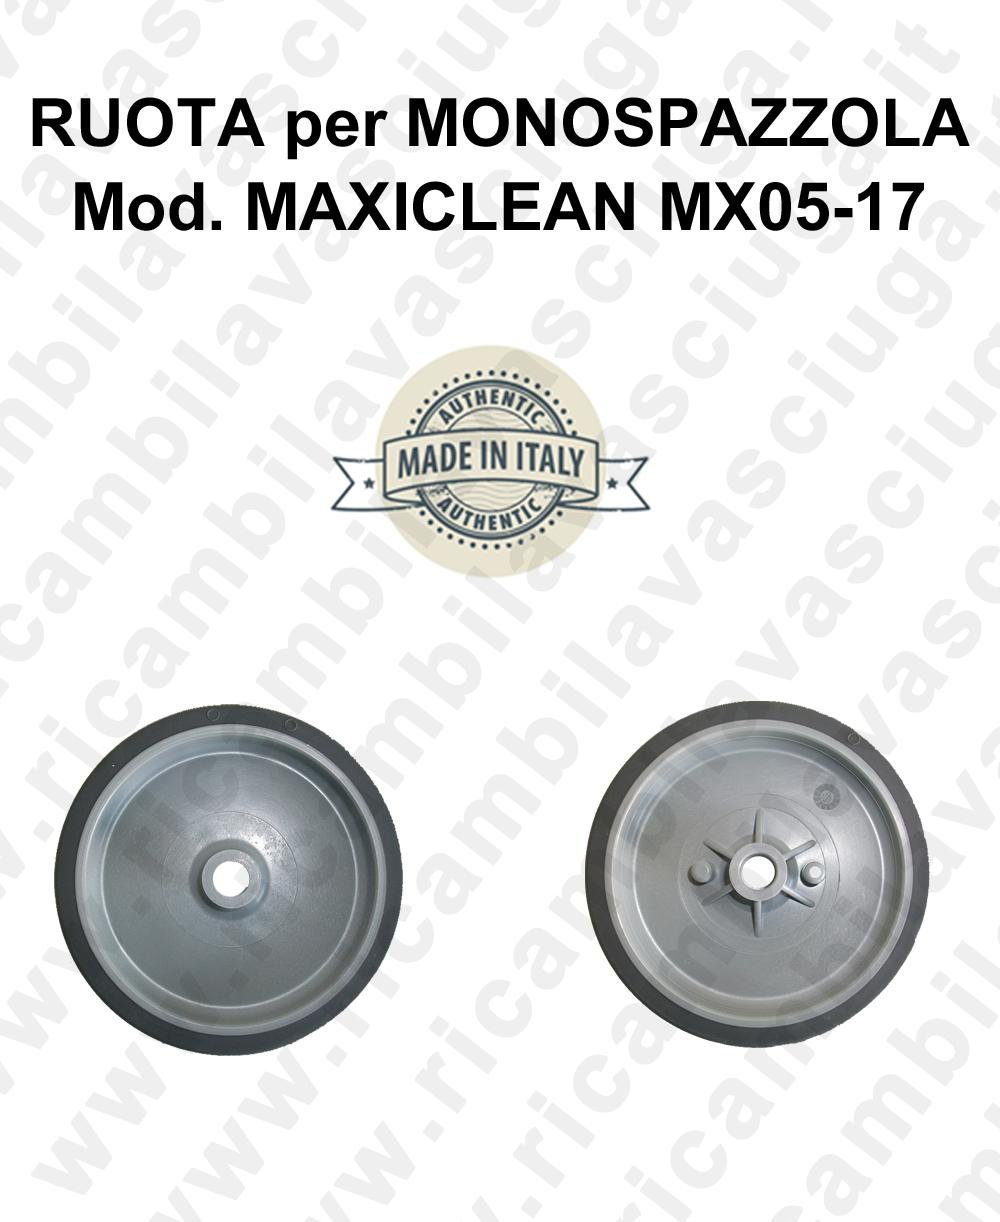 MX05-17 Rades für Monobürsten MAXICLEAN